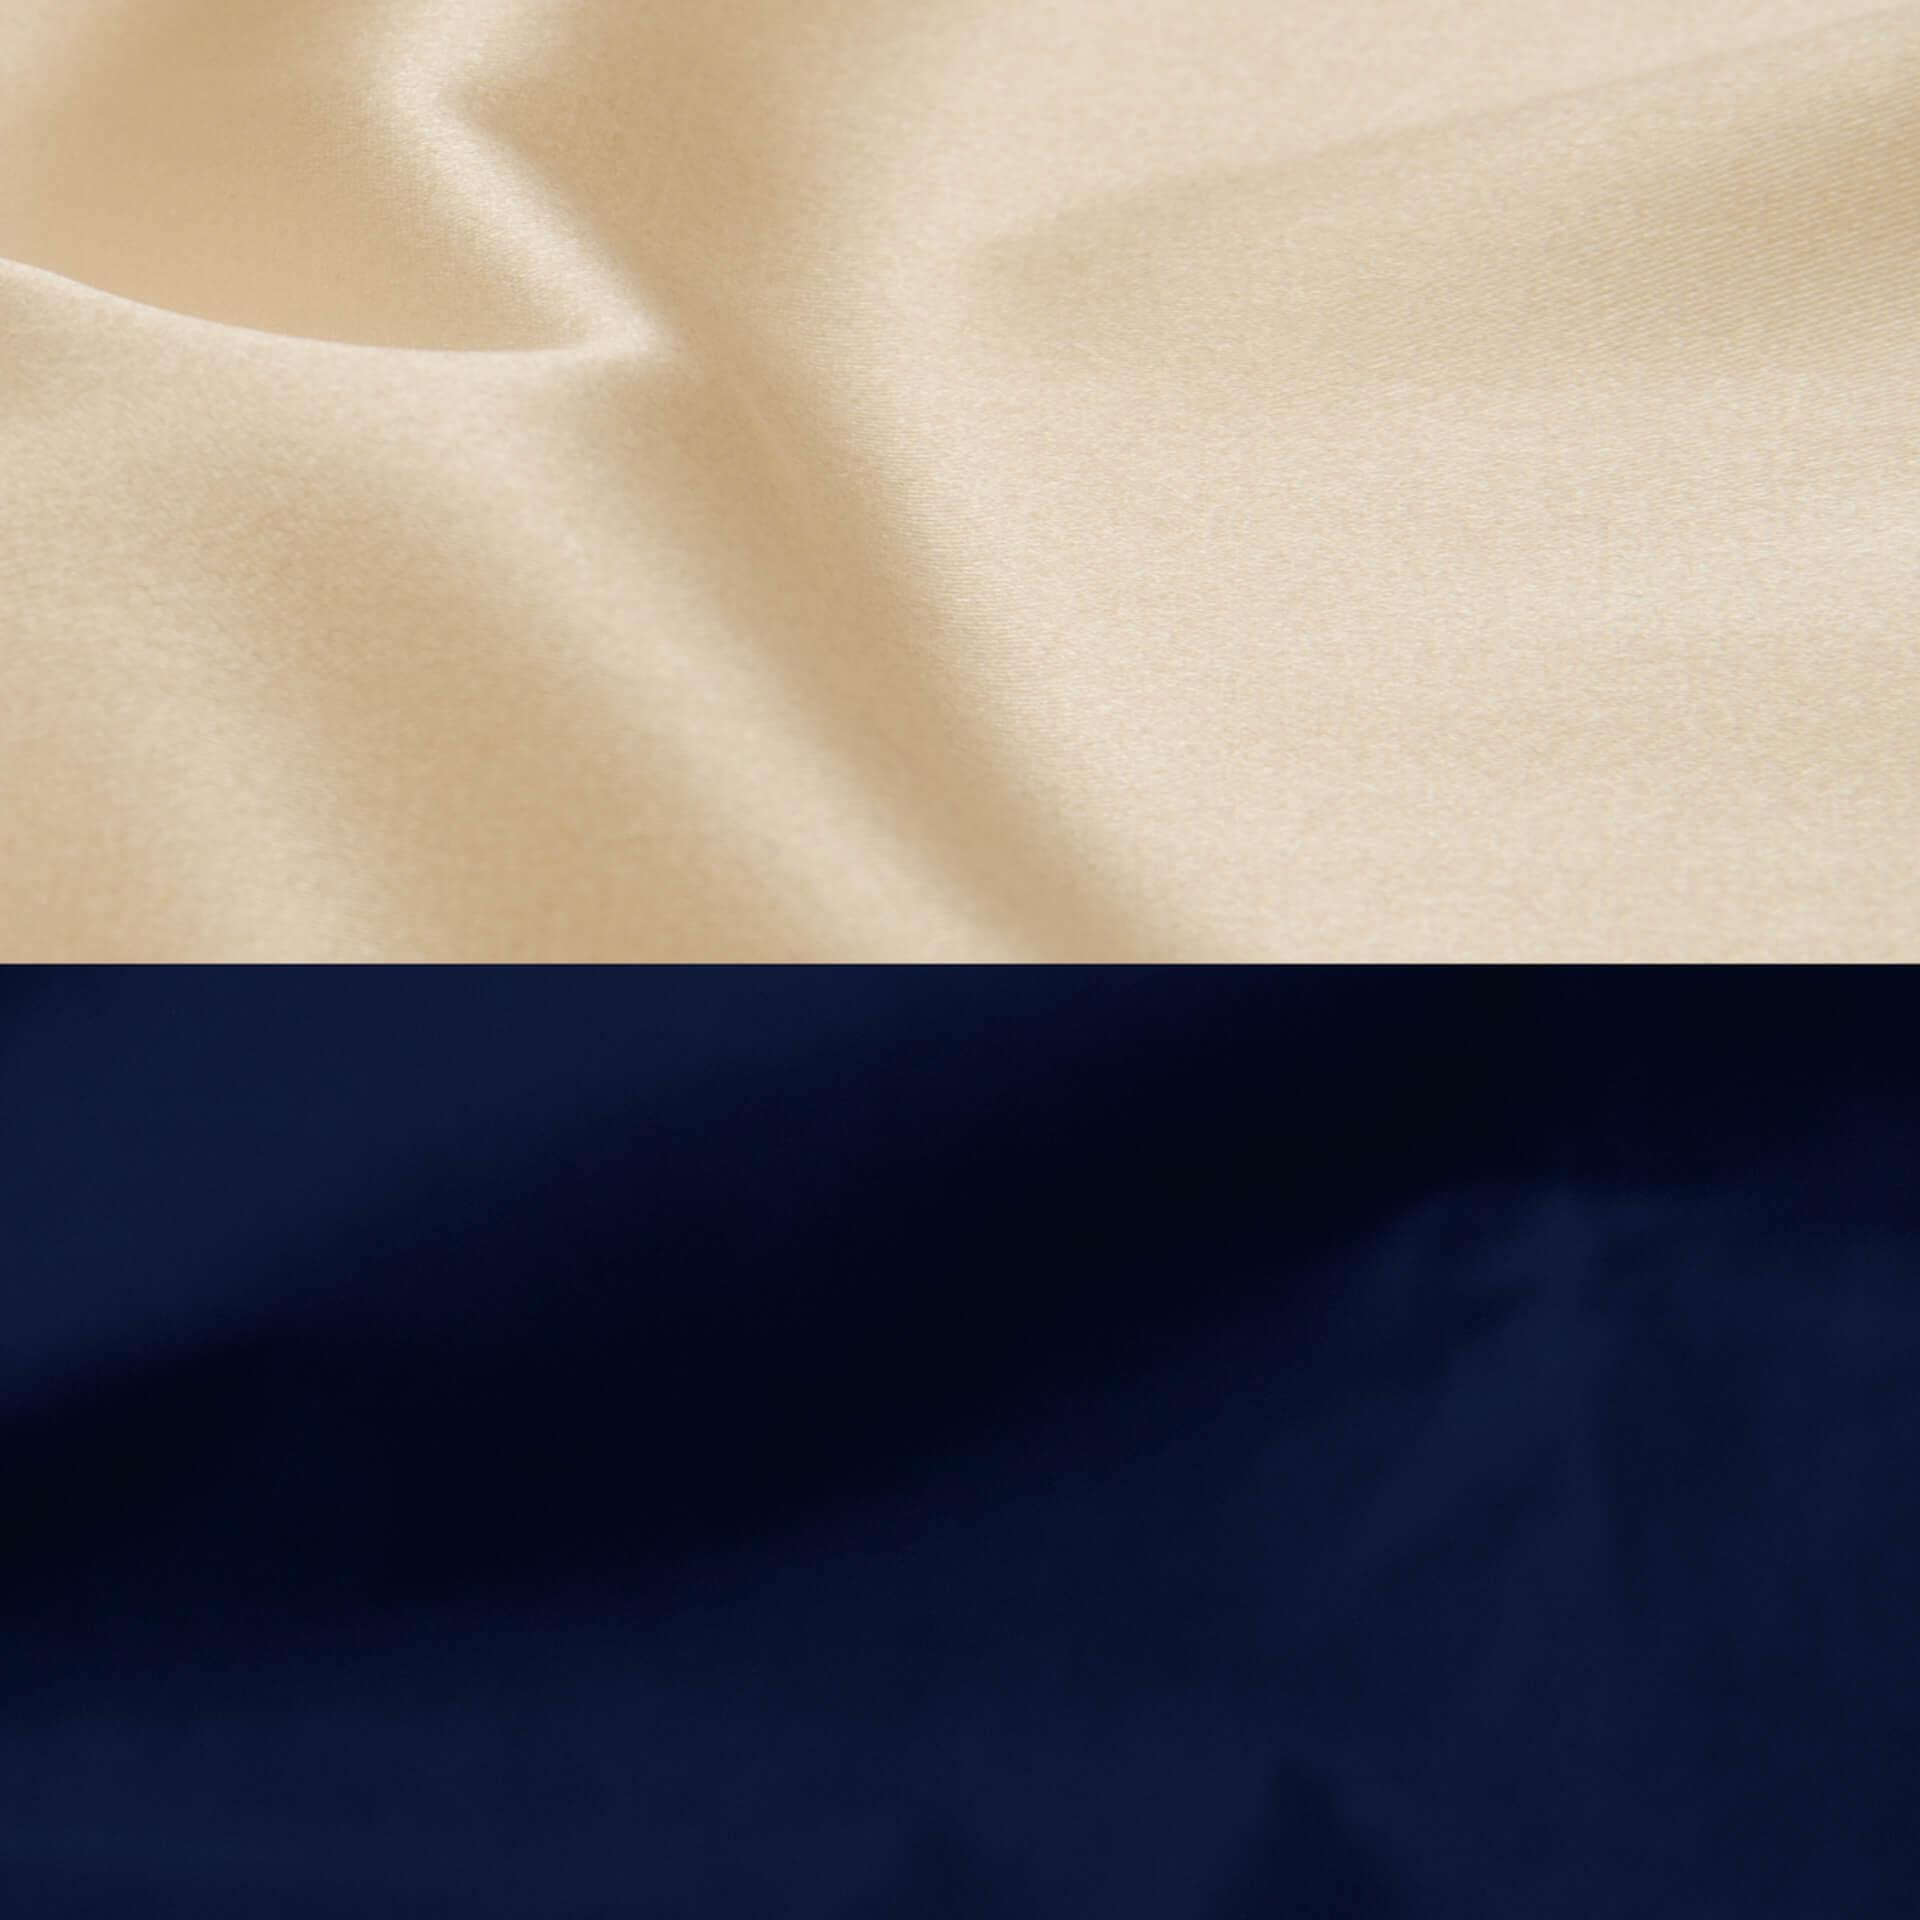 """ビートメイカー・FKDのコンセプトアルバム『Duality』がリリース発表!SSW・ZINを客演に迎えた先行配信曲""""Busy""""をリリース&MV公開 music201228_fkd-02"""